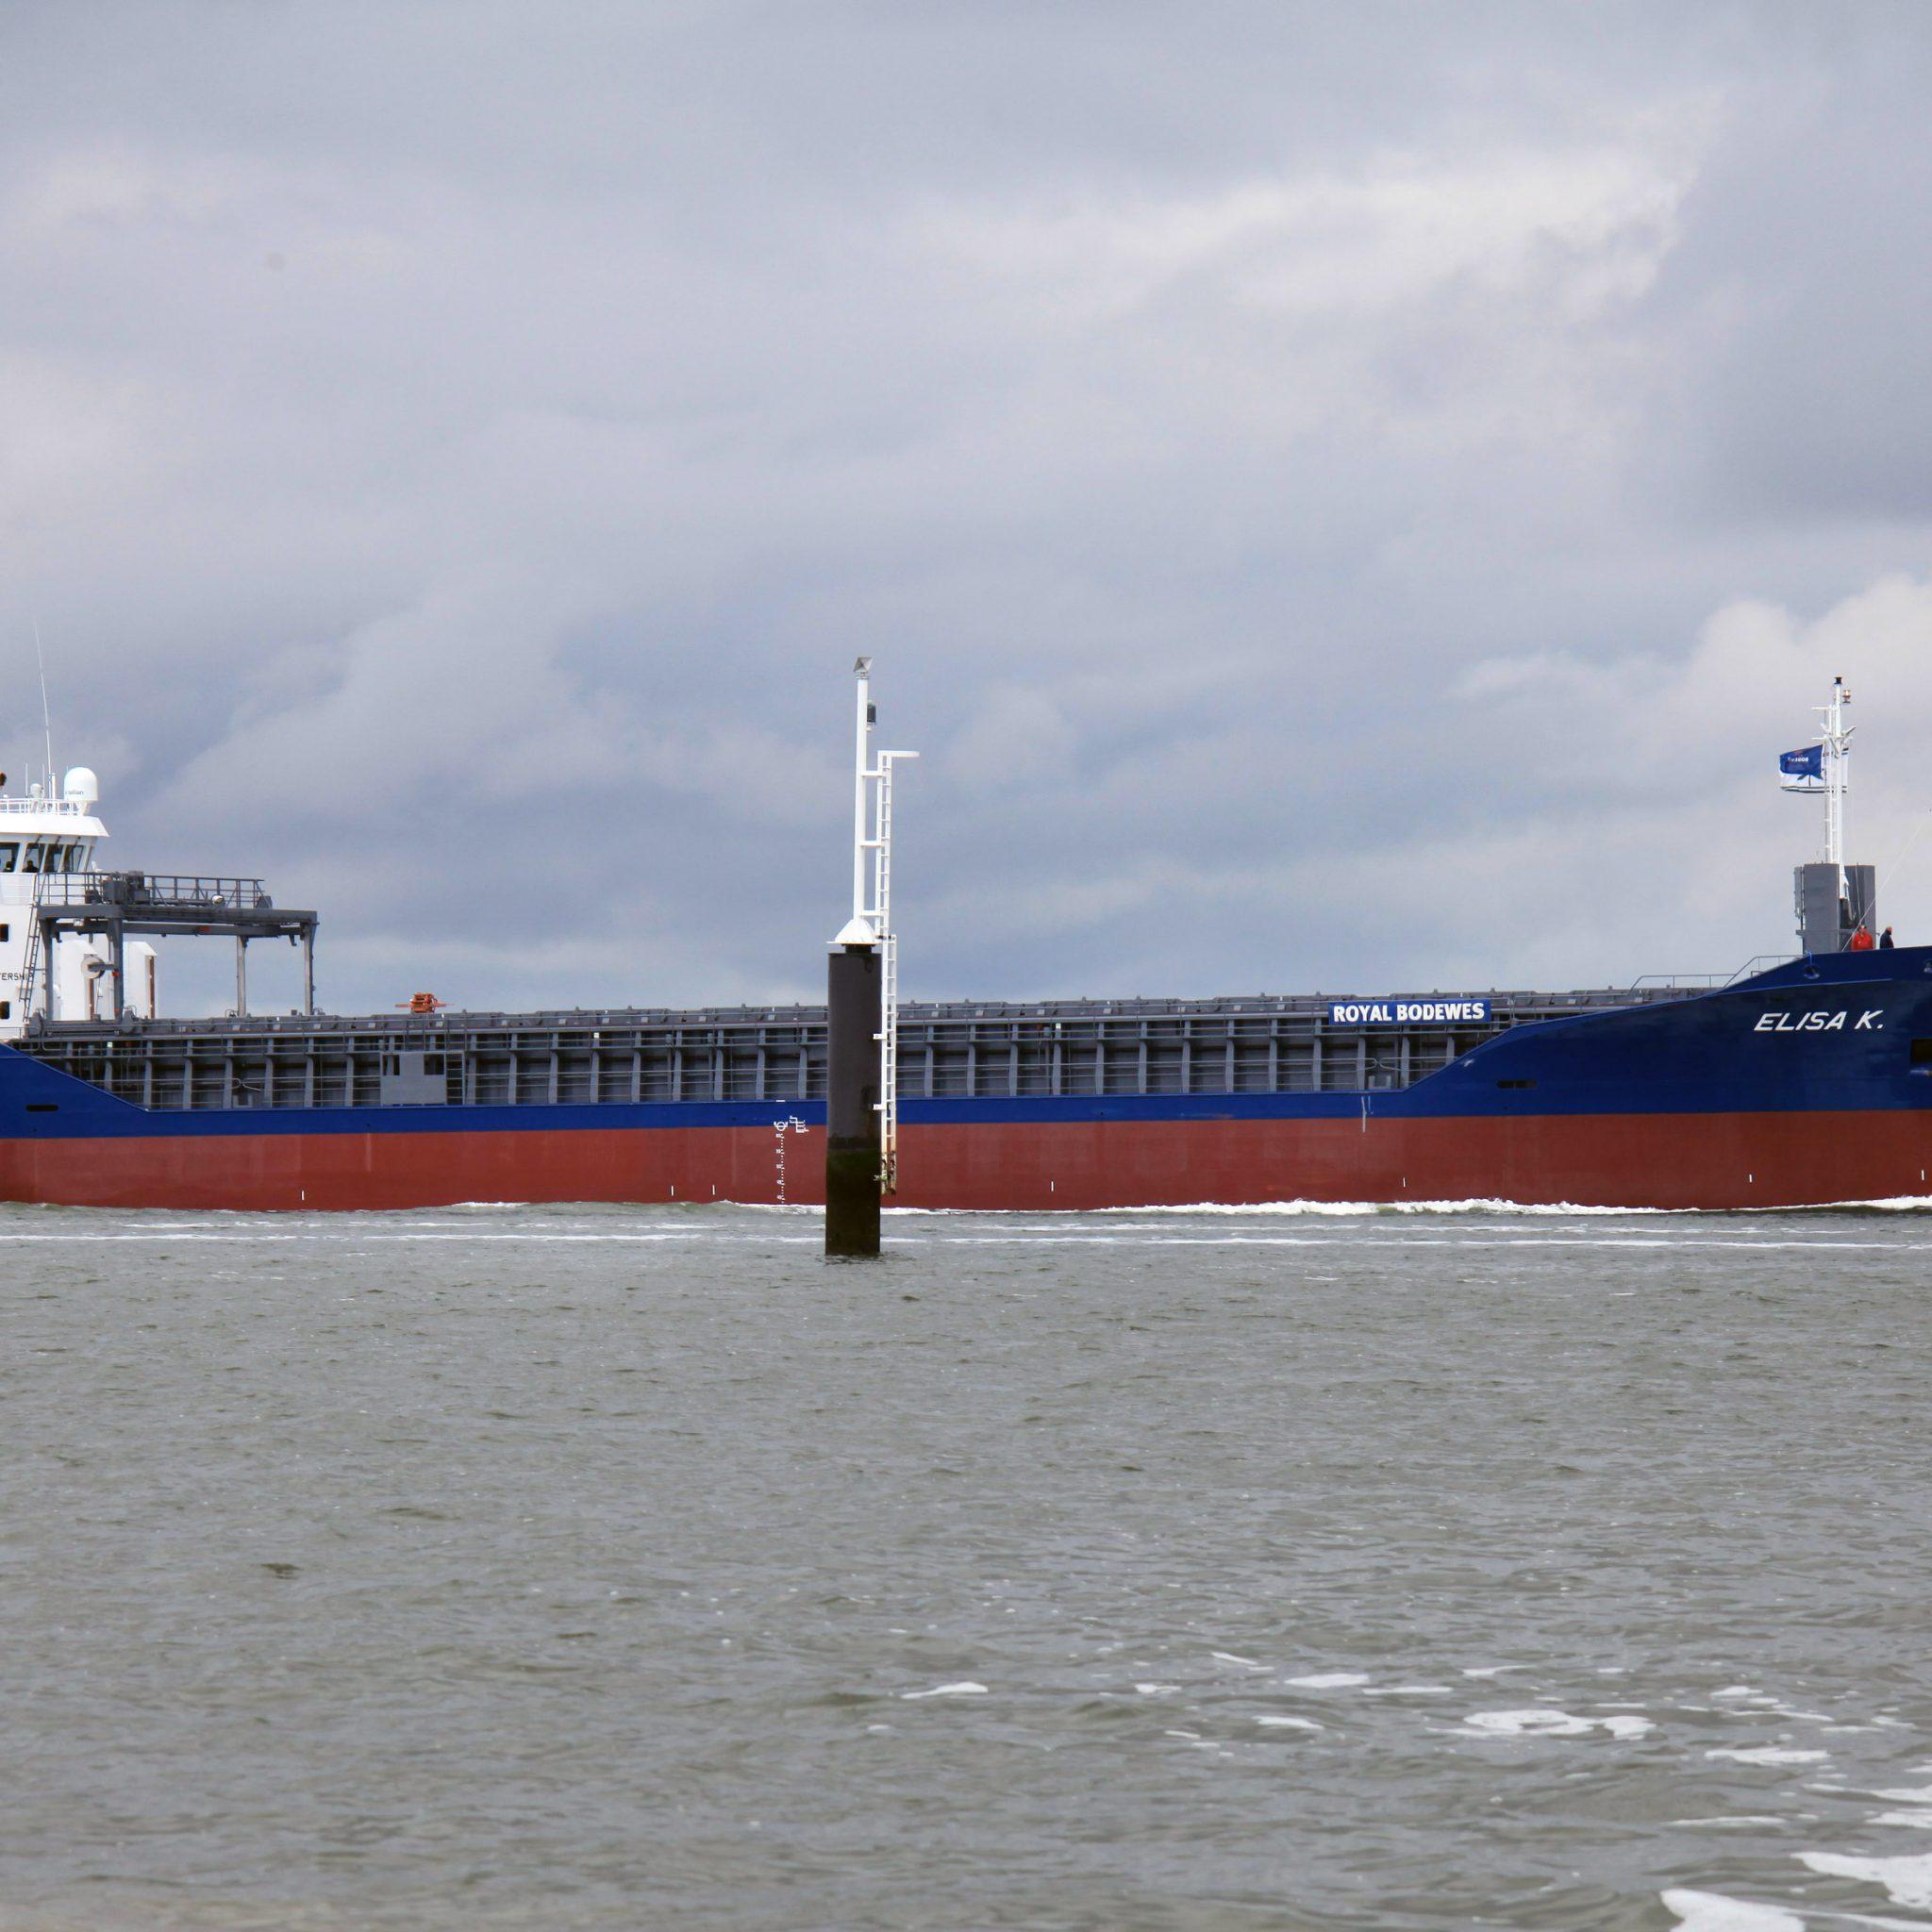 Na een geslaagde proefvaart keert de Elisa K. terug naar het Beatrixbekken in de Eemshaven. (Foto Henk Zuur)